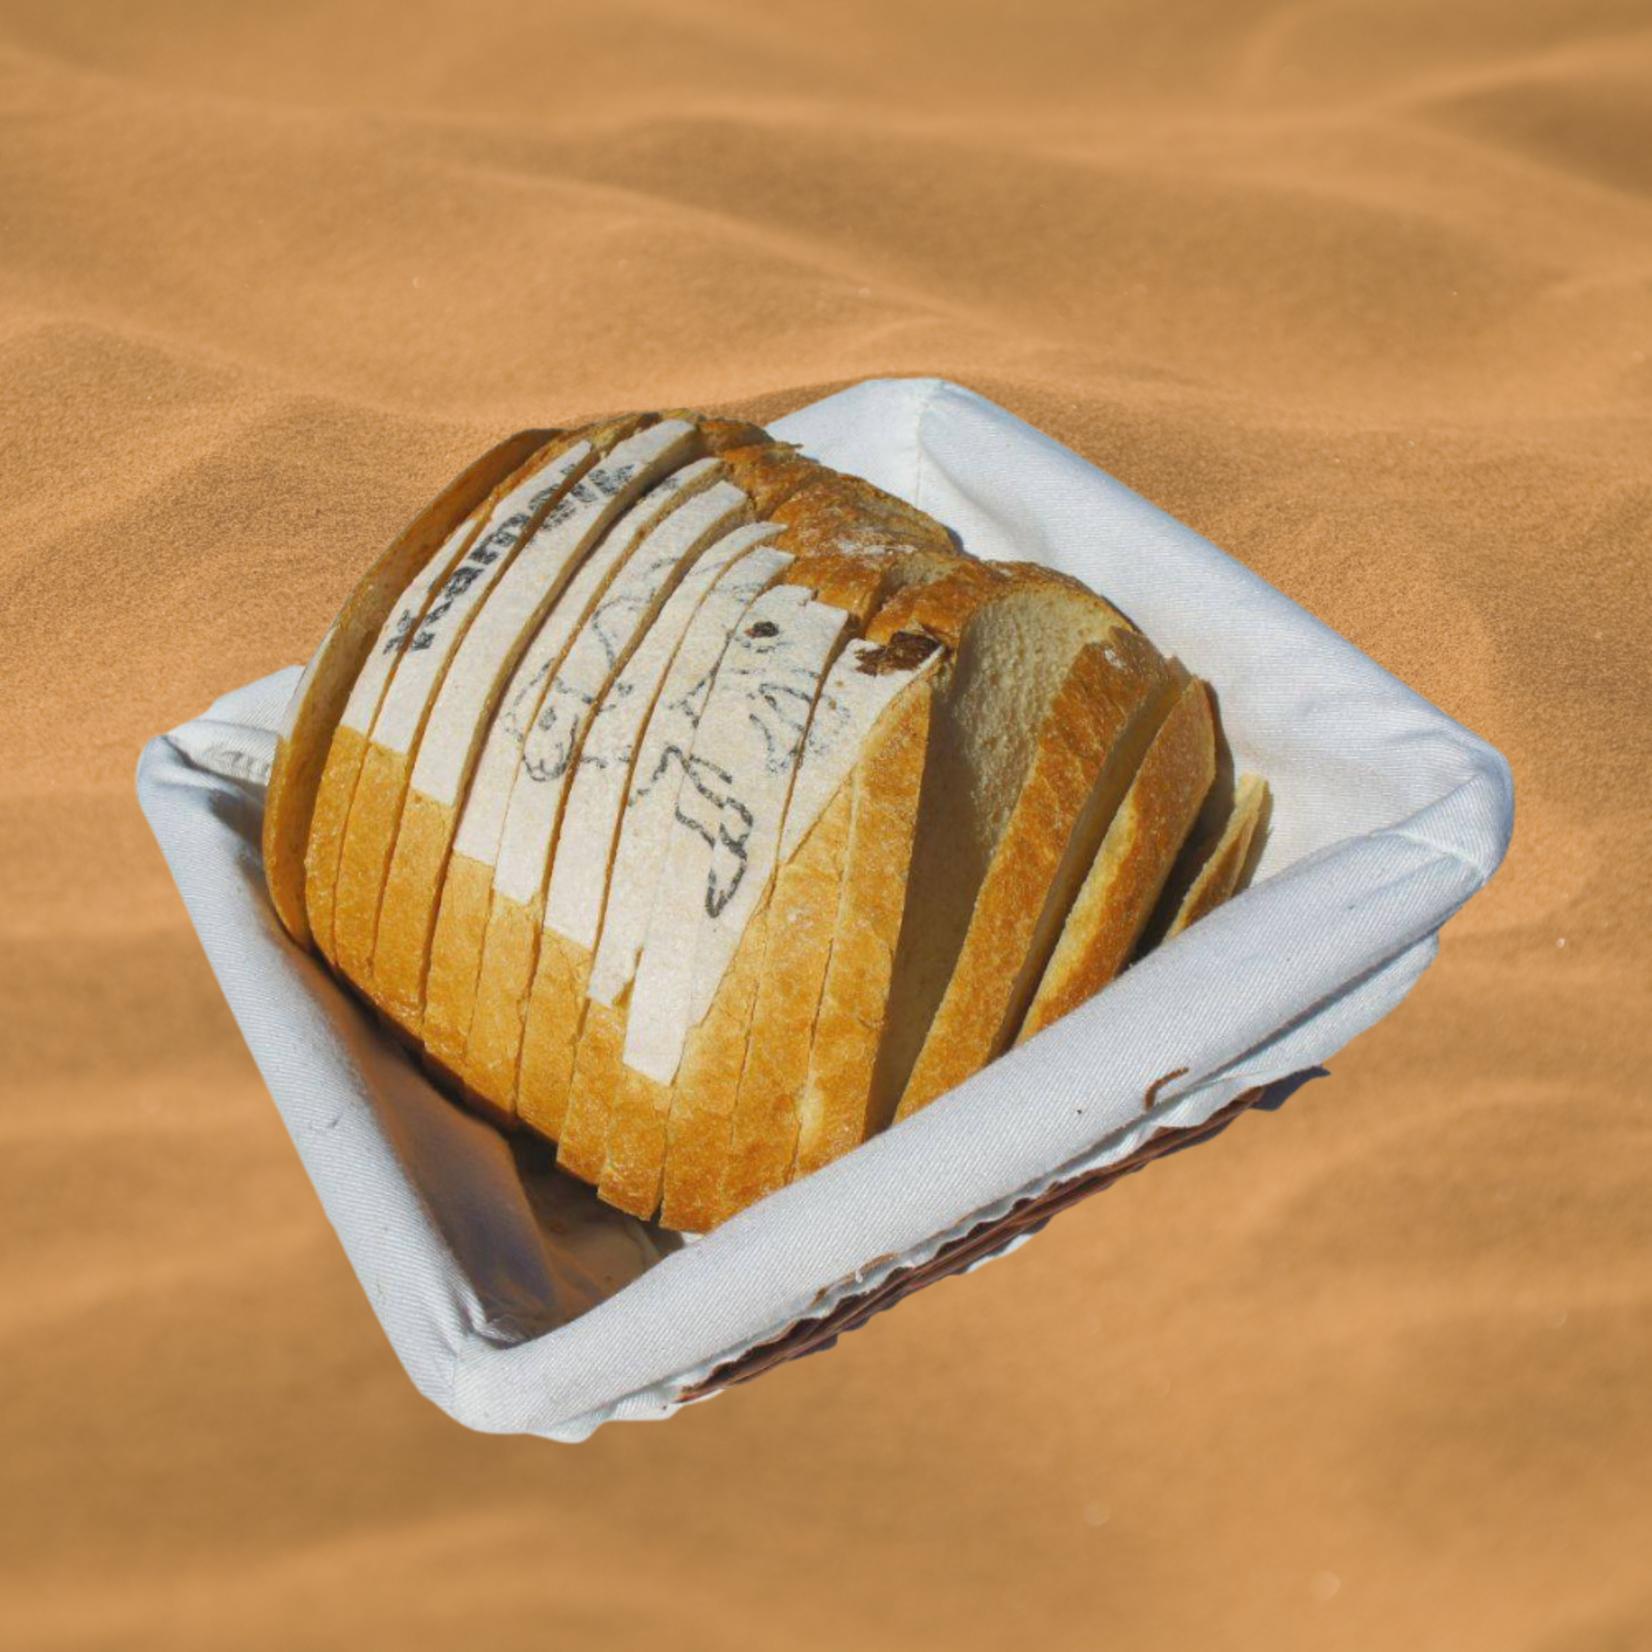 Camel Milk Bread